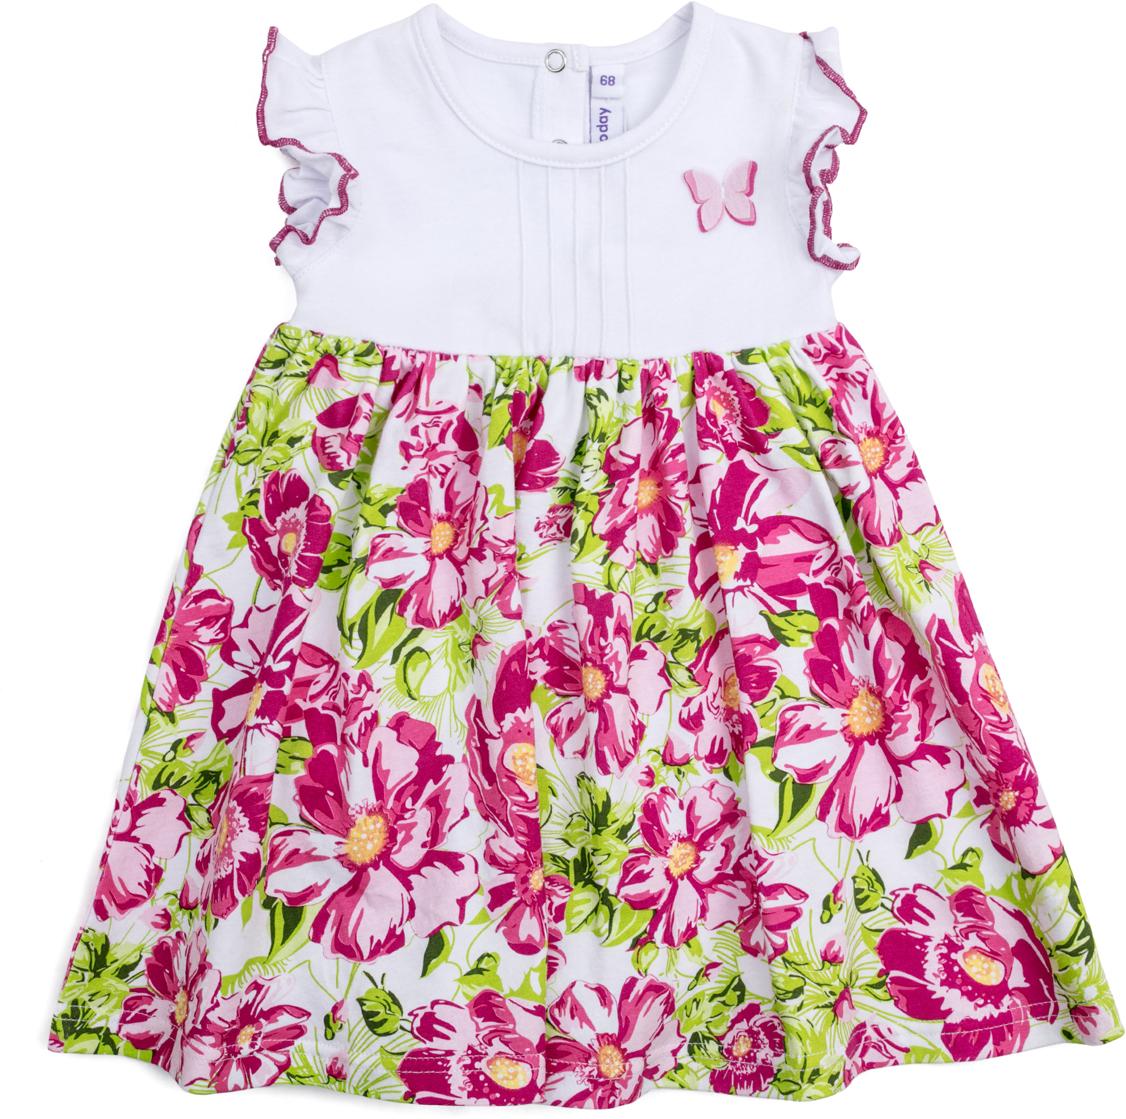 Платье для девочки PlayToday, цвет: белый, розовый, светло-зеленый. 188863. Размер 68188863